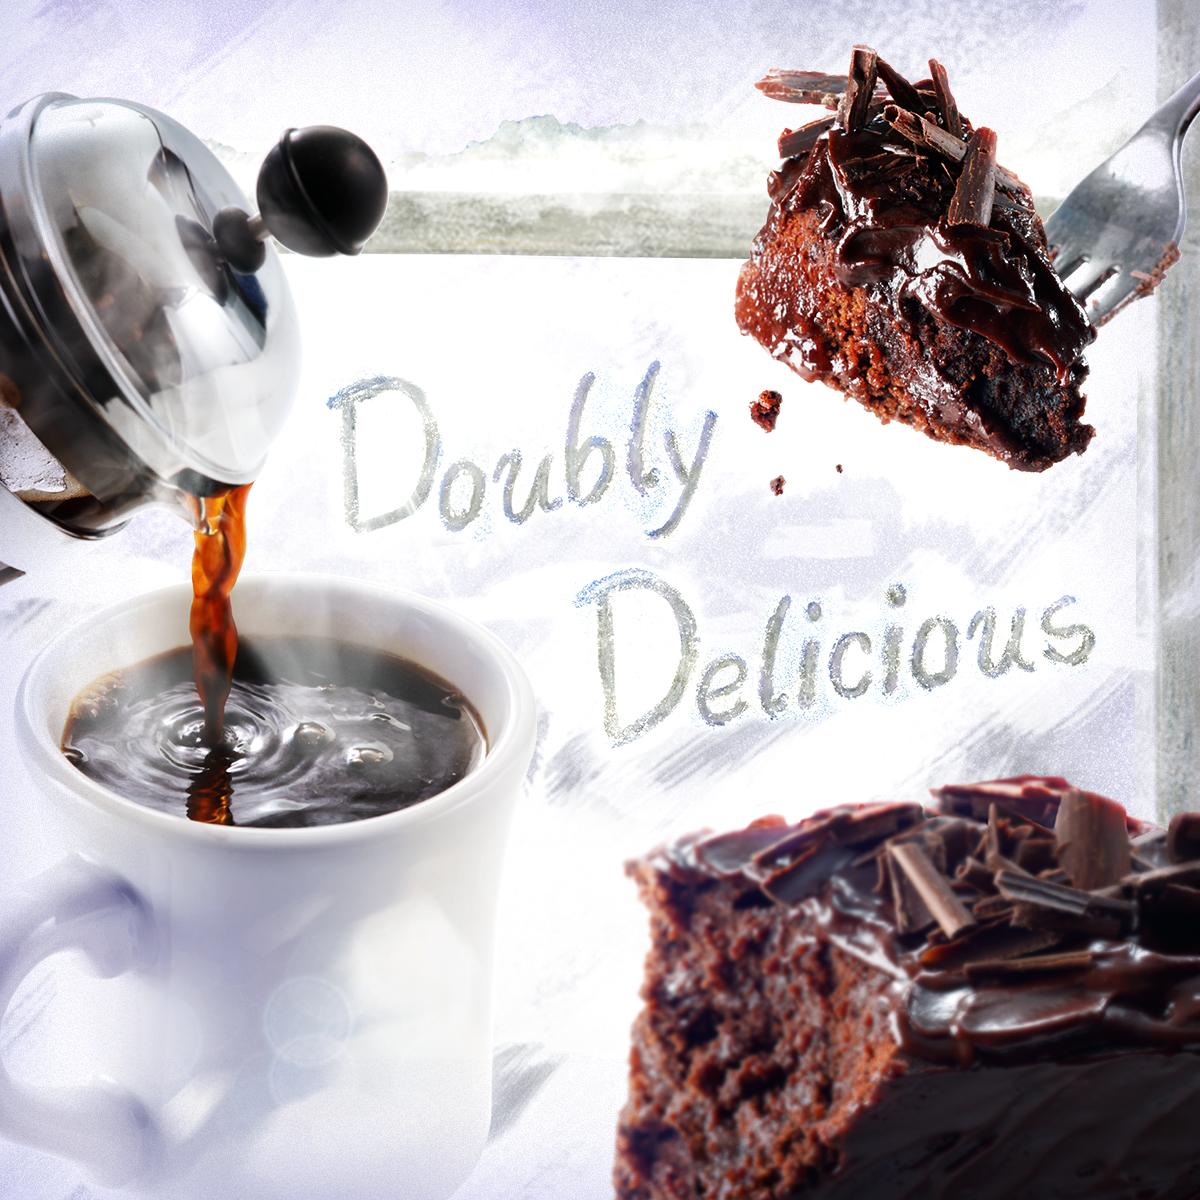 [季節のコーヒー] チョコレートが心にぬくもりを届けてくれる季節